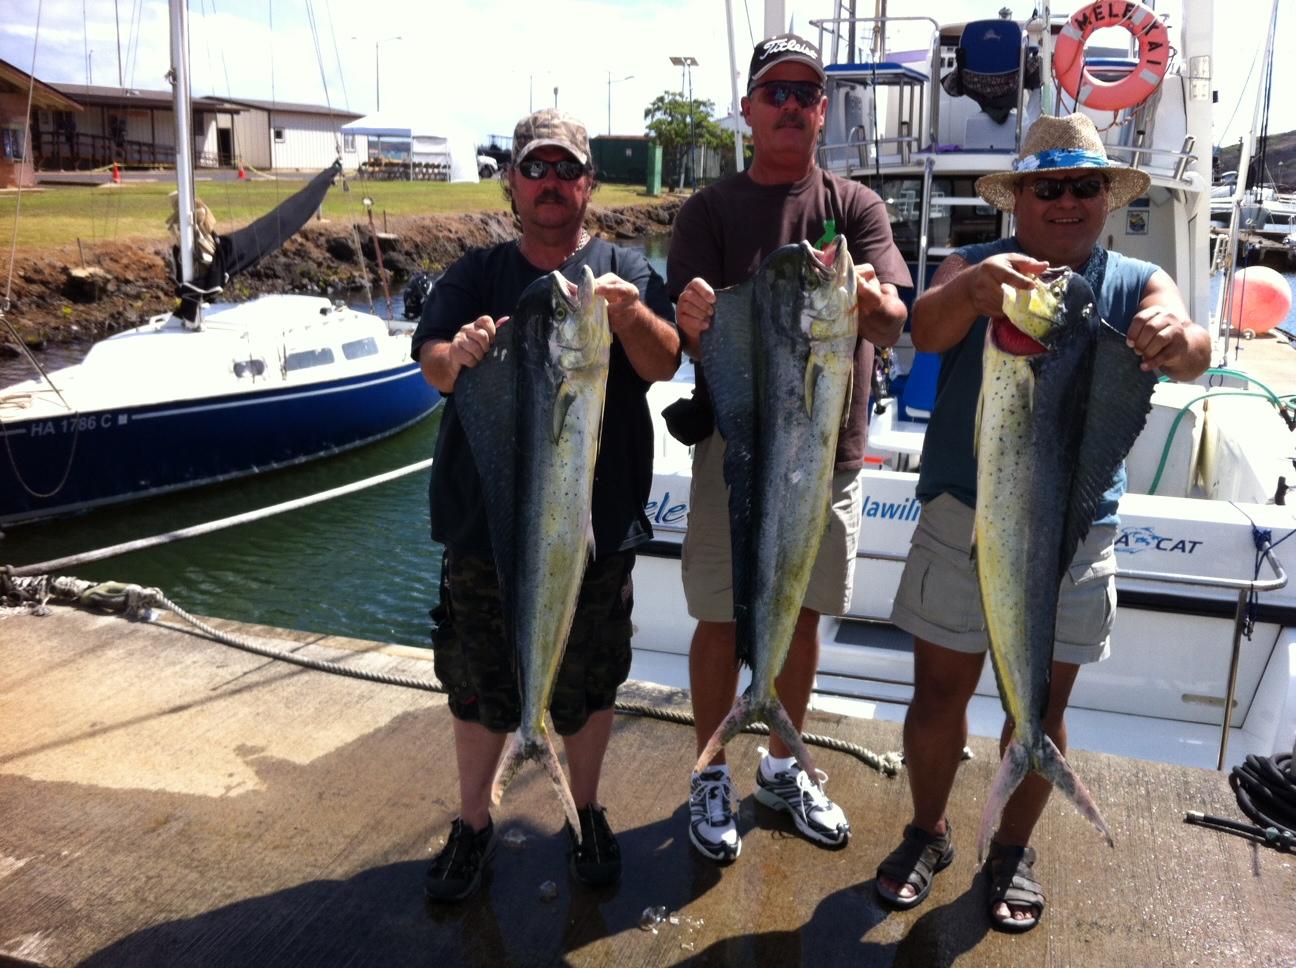 C lure fishing chaters kauai hawaii september 2012 for Kauai fishing report